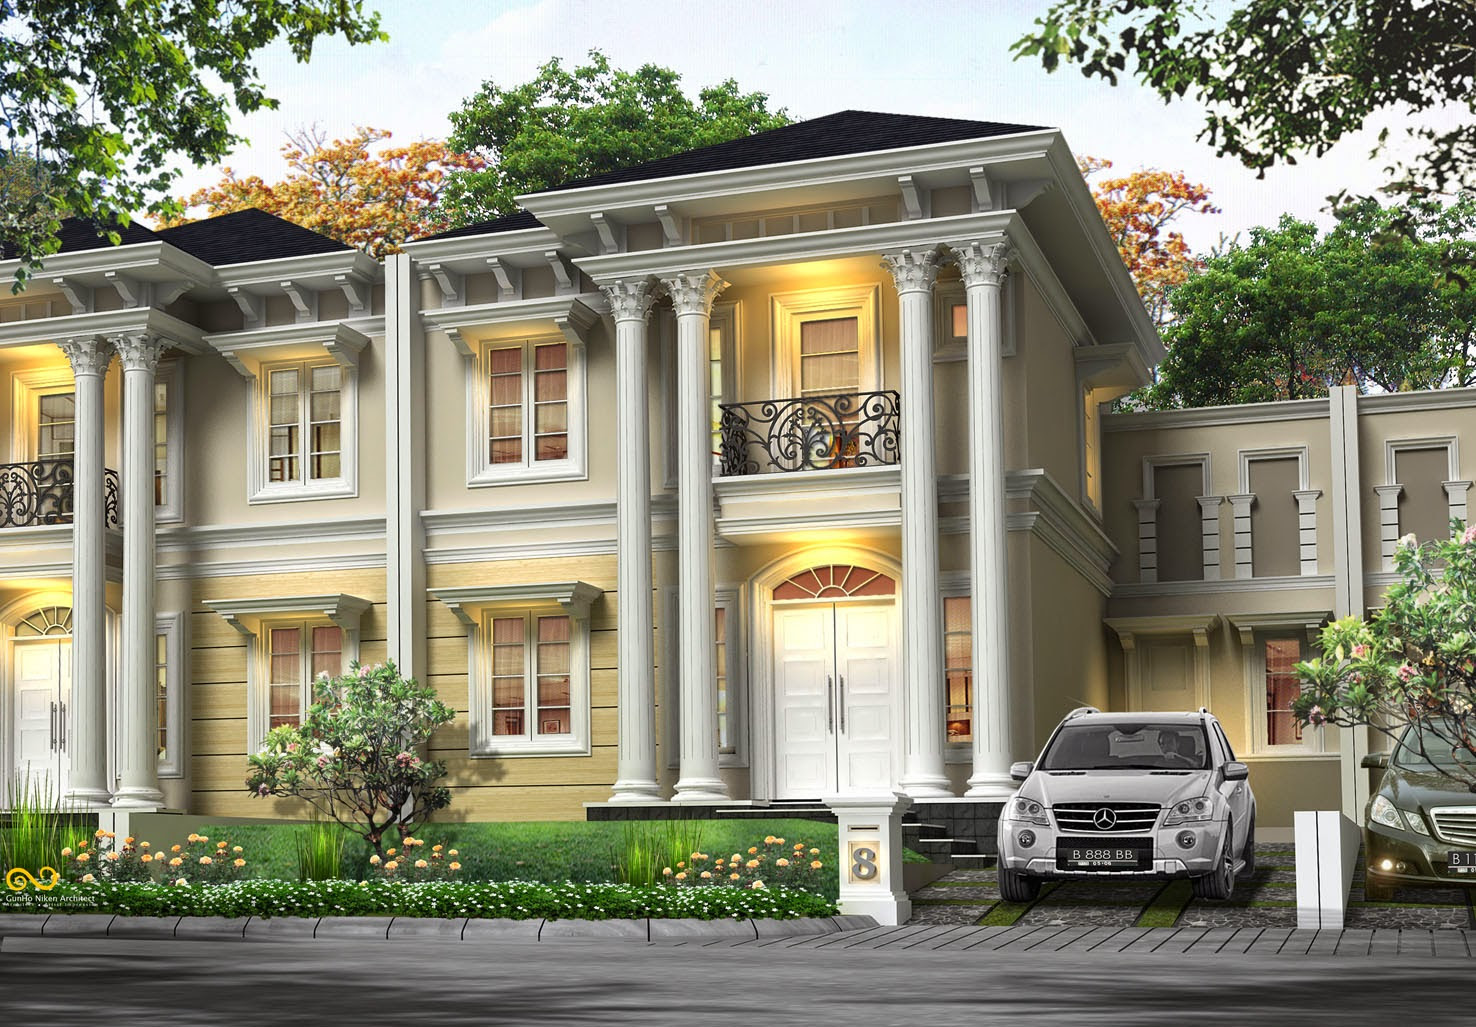 88 Desain Rumah Minimalis Eropa Klasik HD Terbaik